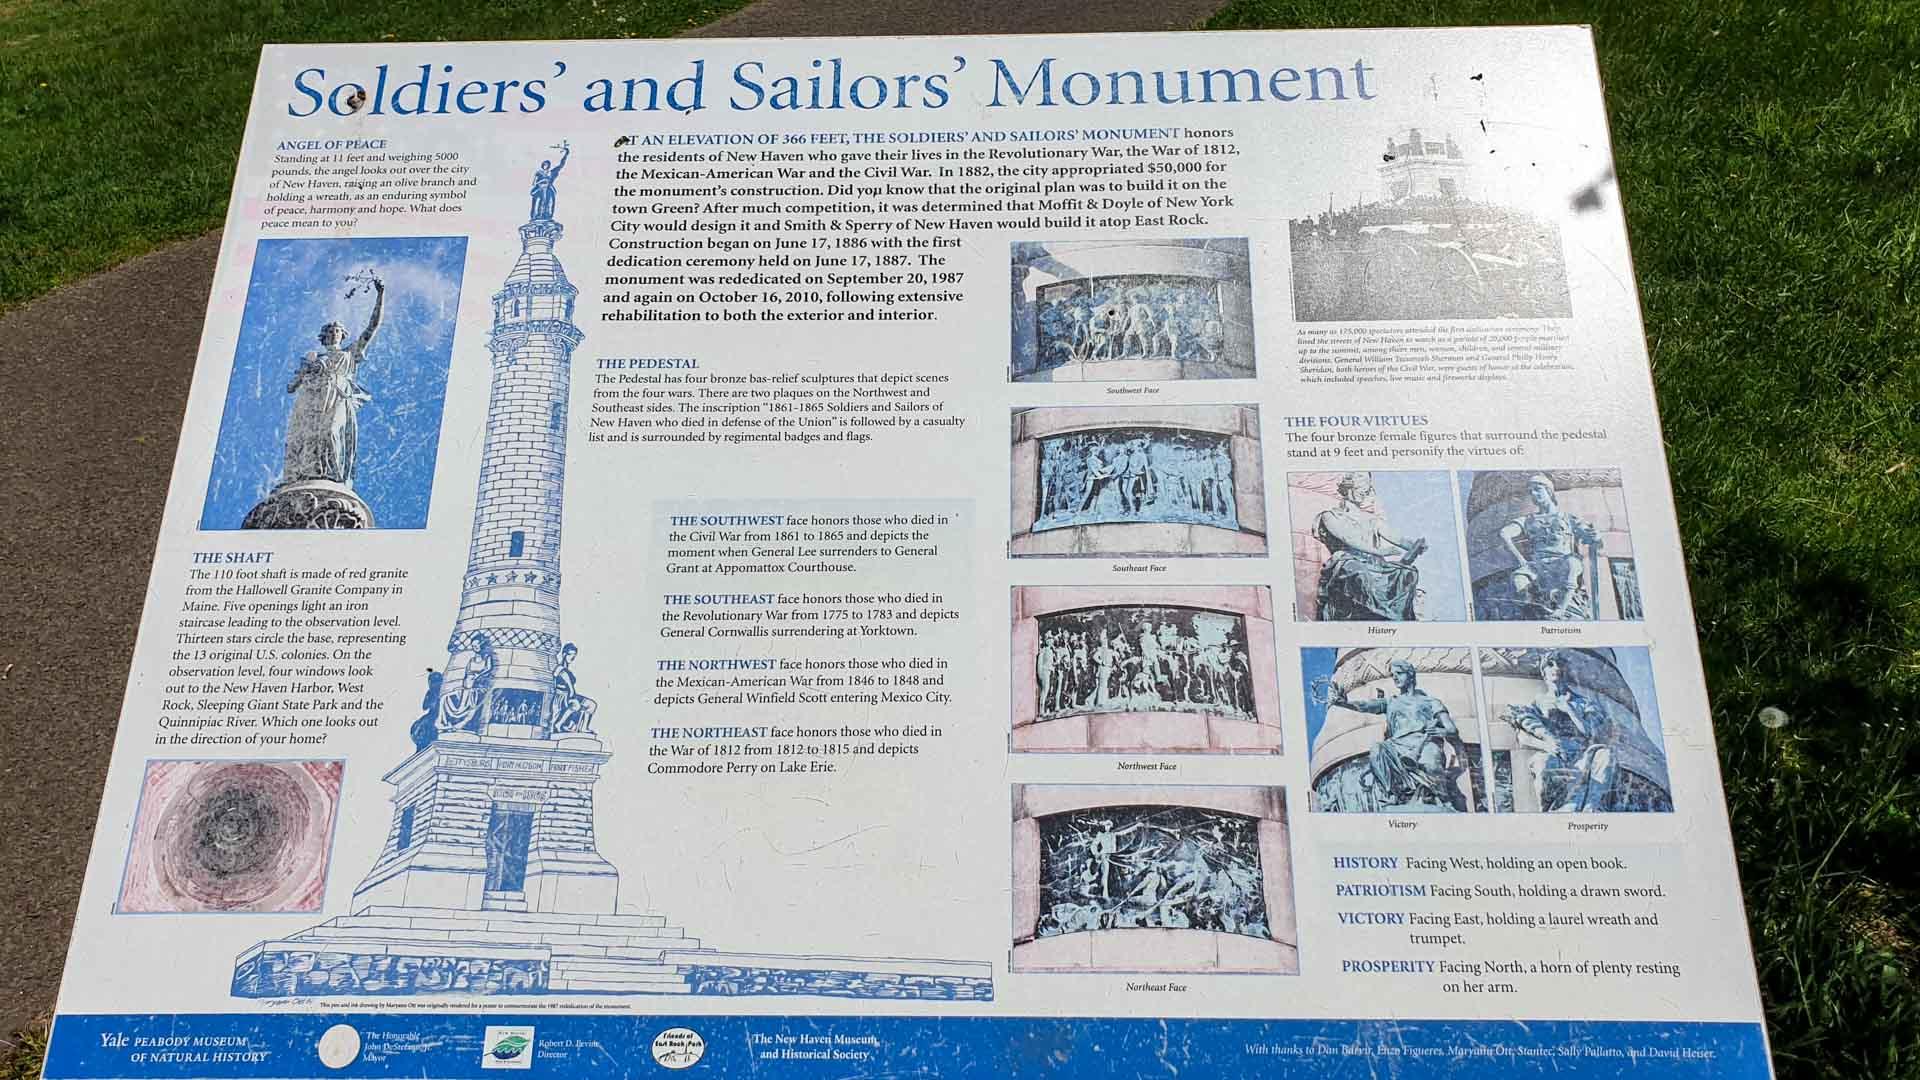 Cartel explicativo sobre el Soldiers' and Sailors' Monument, East Rock Park, New Haven, Connecticut